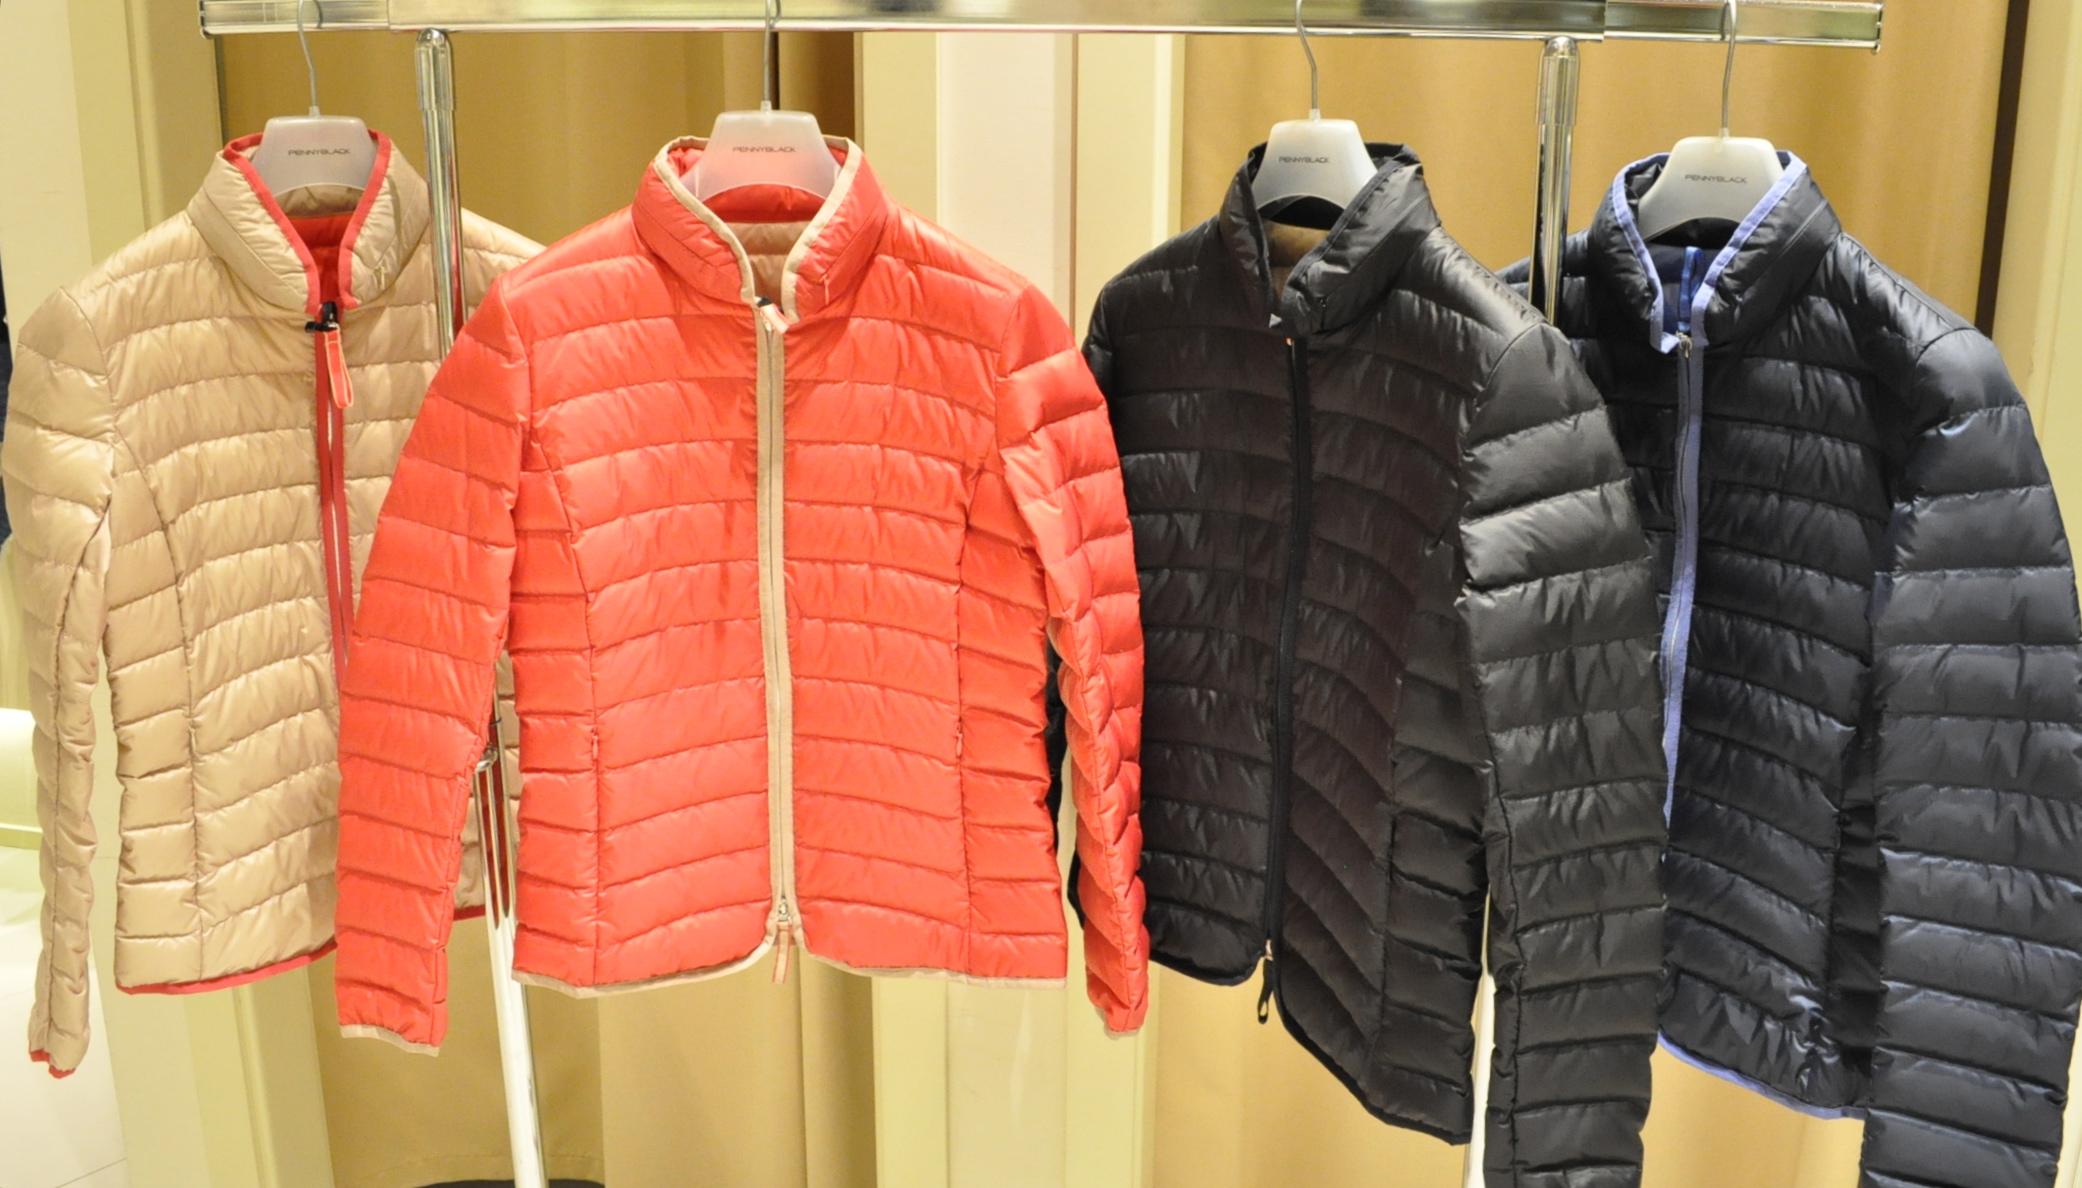 on sale 5d00b b94e1 Piumini cento grammi Firenze Empoli Abbigliamento donna ...